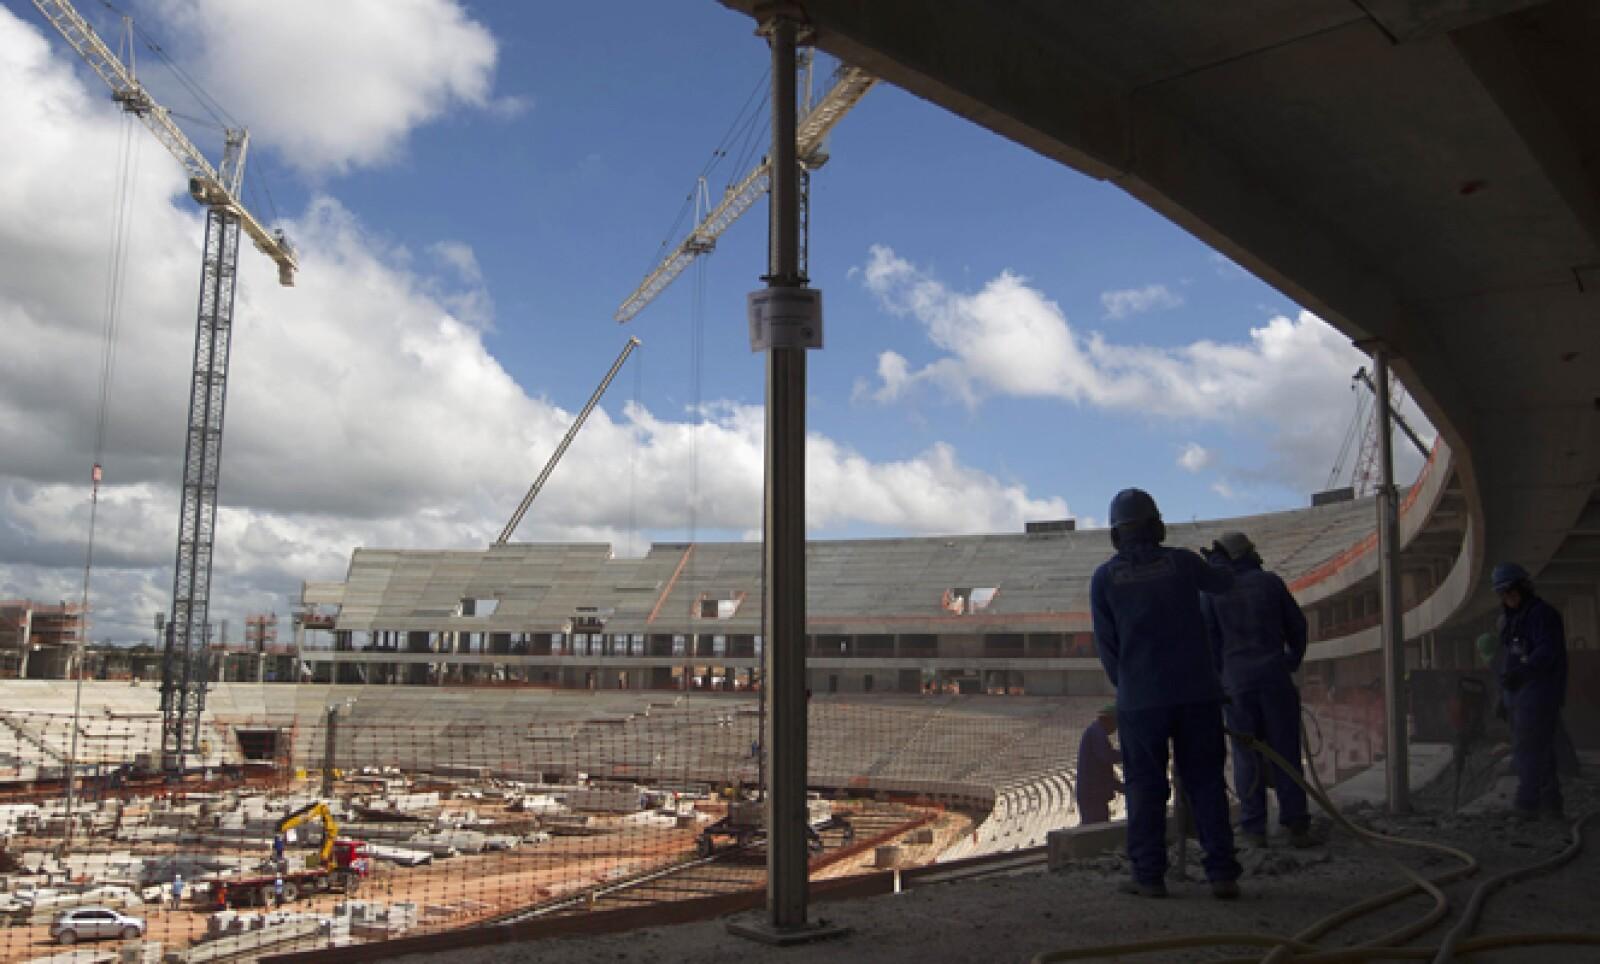 La Copa del Mundo del 2014 será un enorme desafío logístico para Brasil, con unos 3 millones de fanáticos.